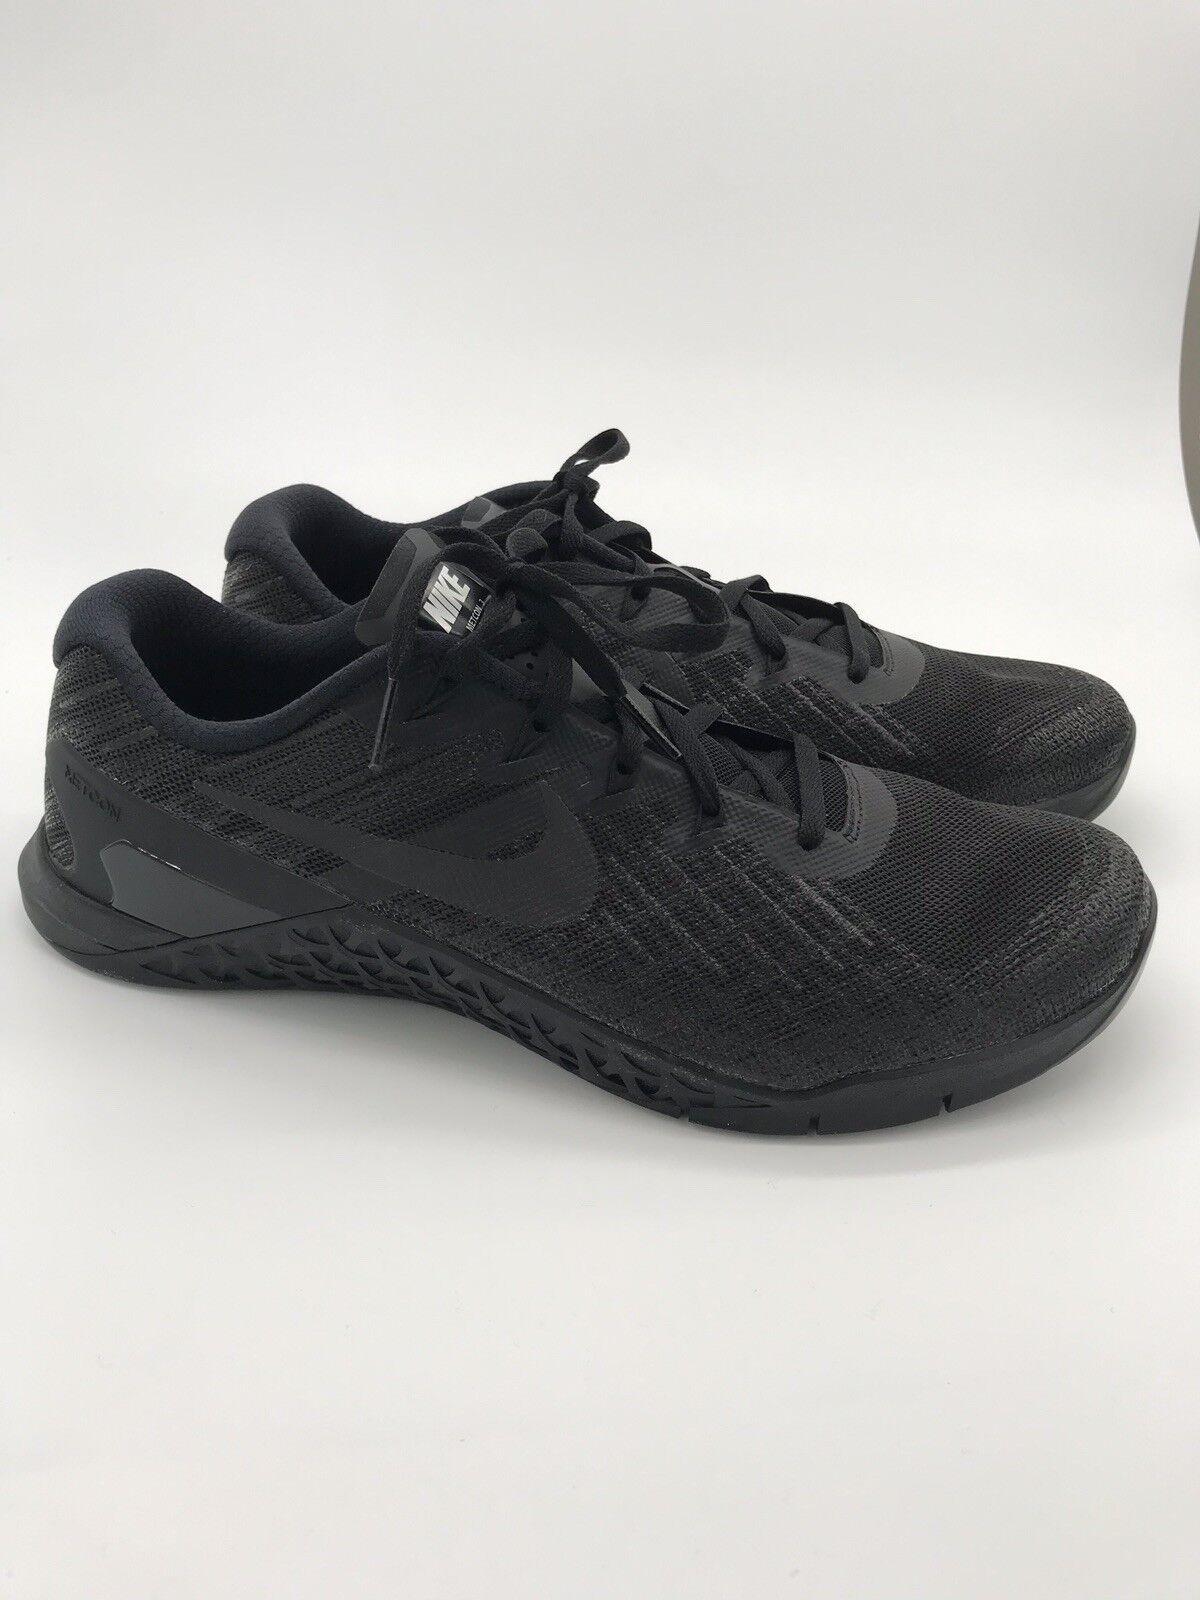 Mens Nike Metcon 3 Triple Black size 9.5 852928-002 Cross Training No Box 490